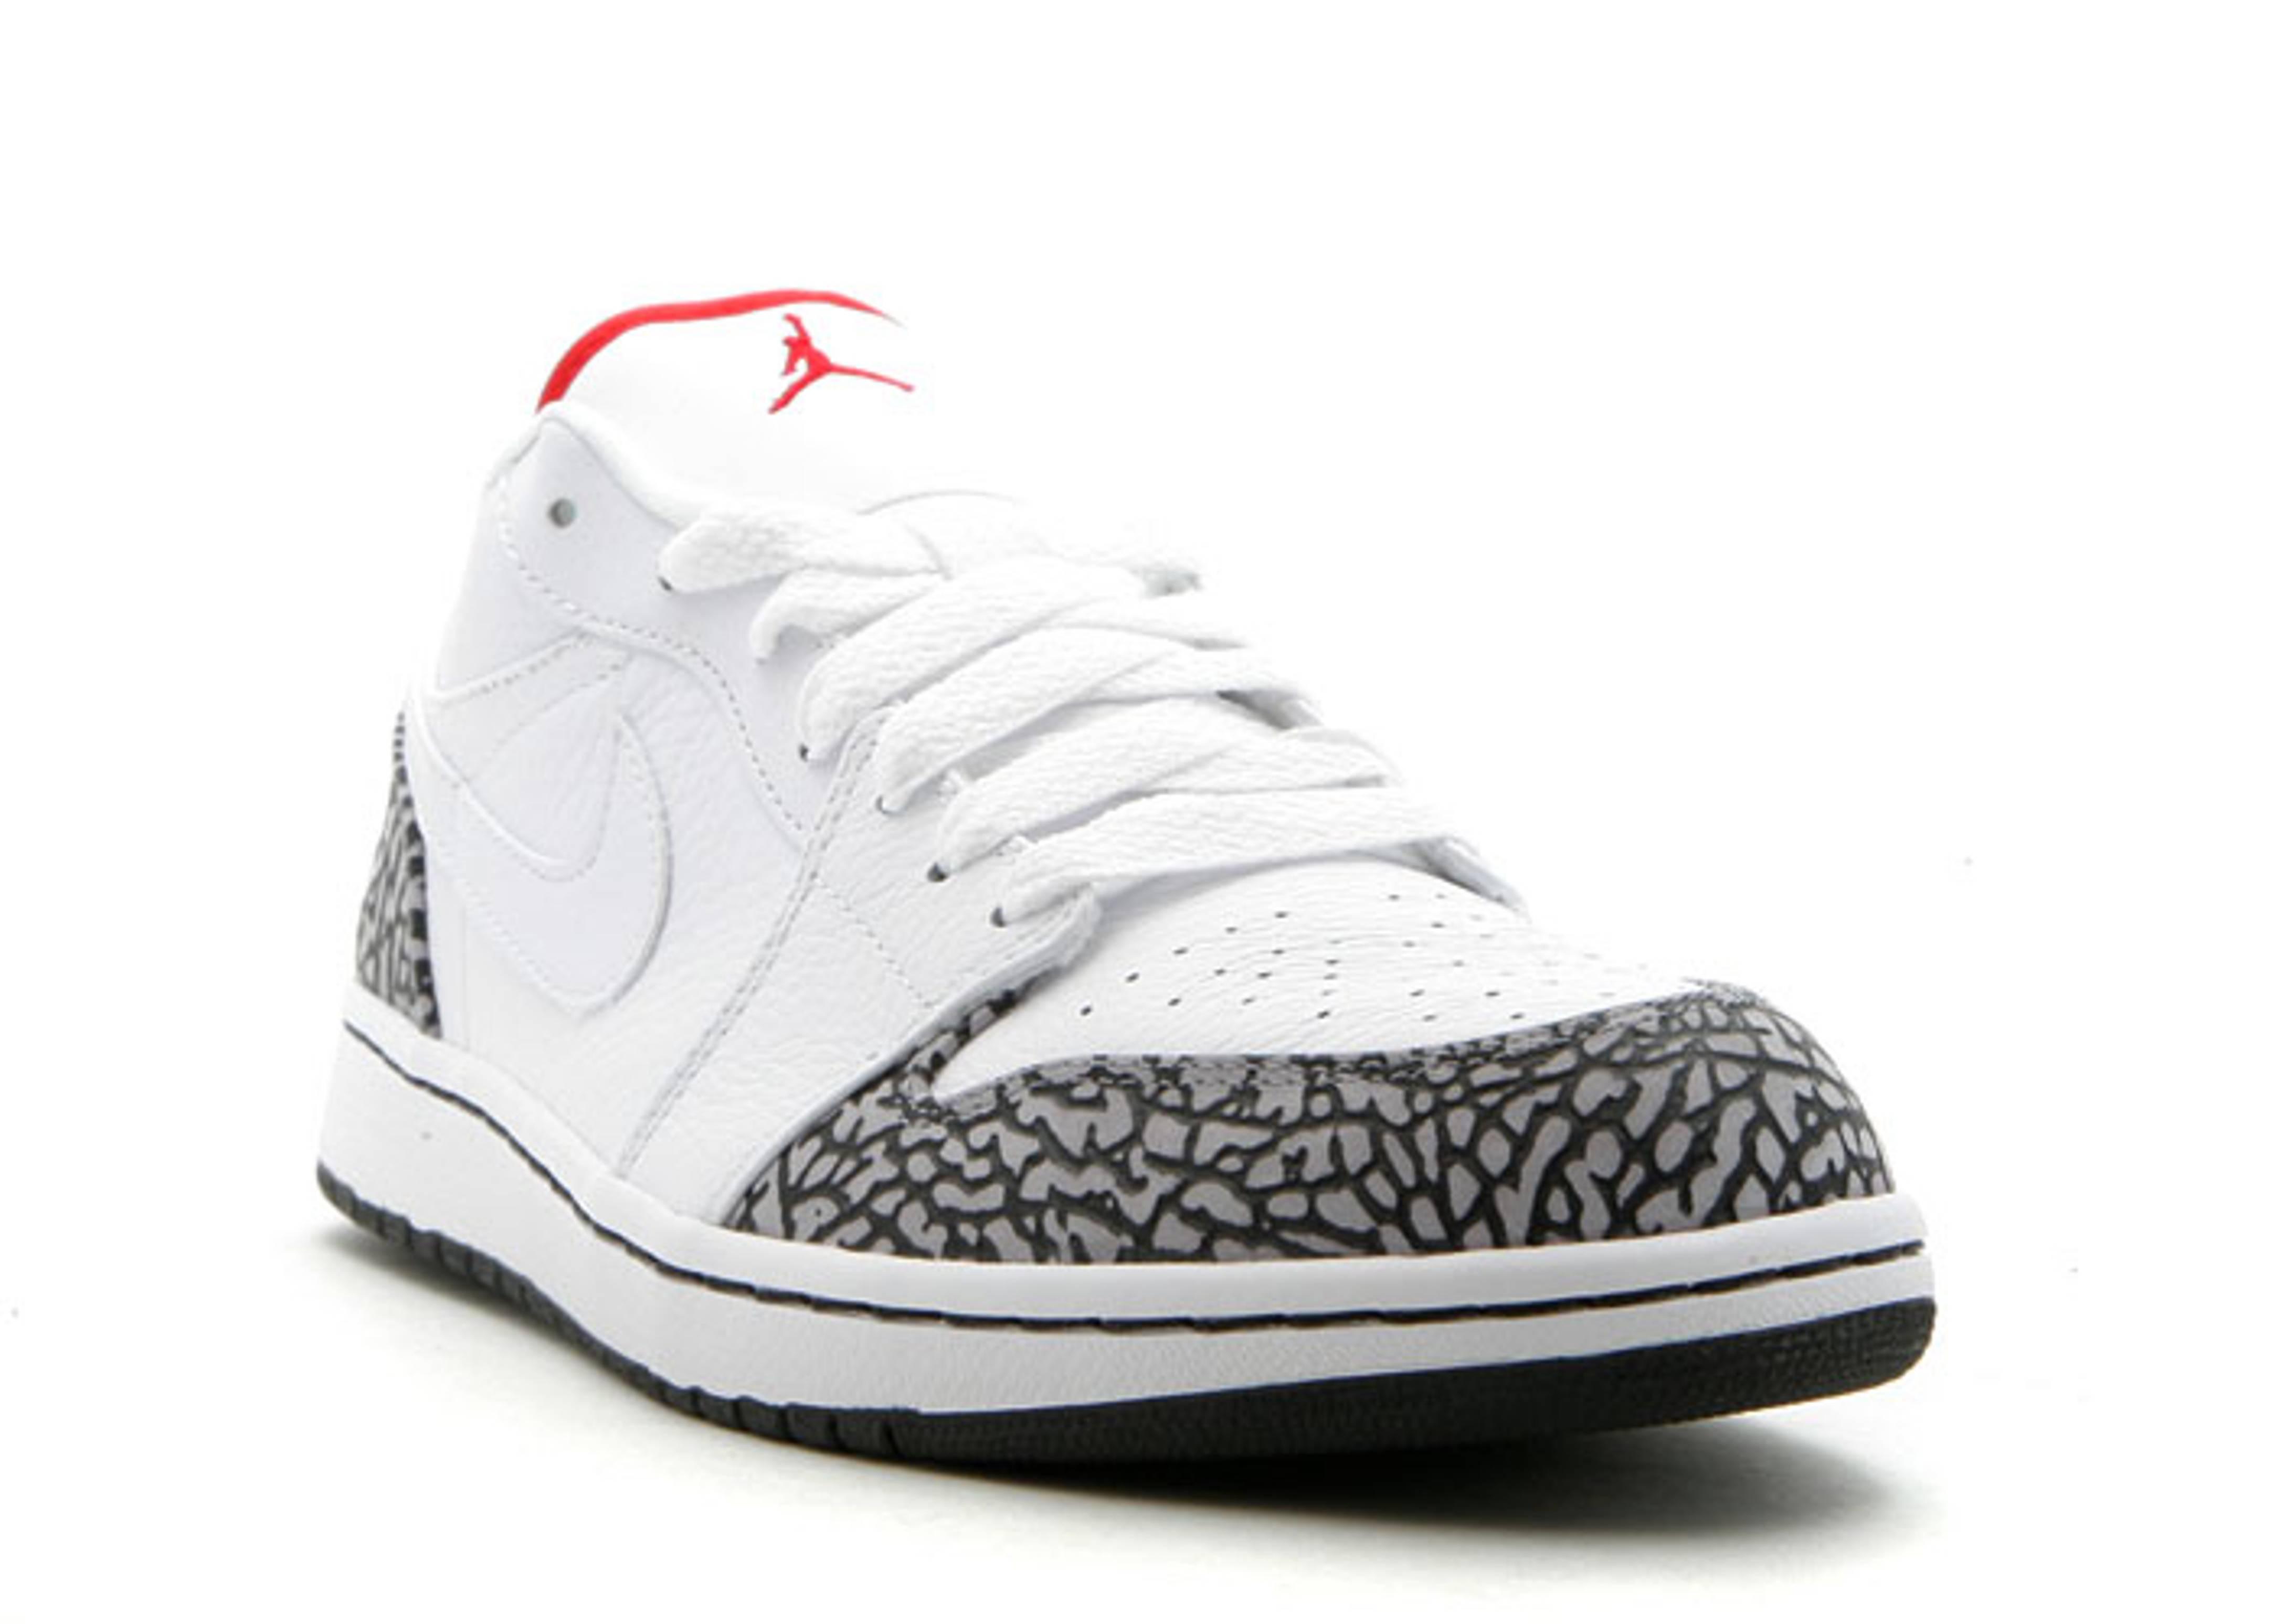 meilleur endroit fiable à vendre Air Jordan 1 Phat Bas Gris Ciment Rouge De  Fac Blanc